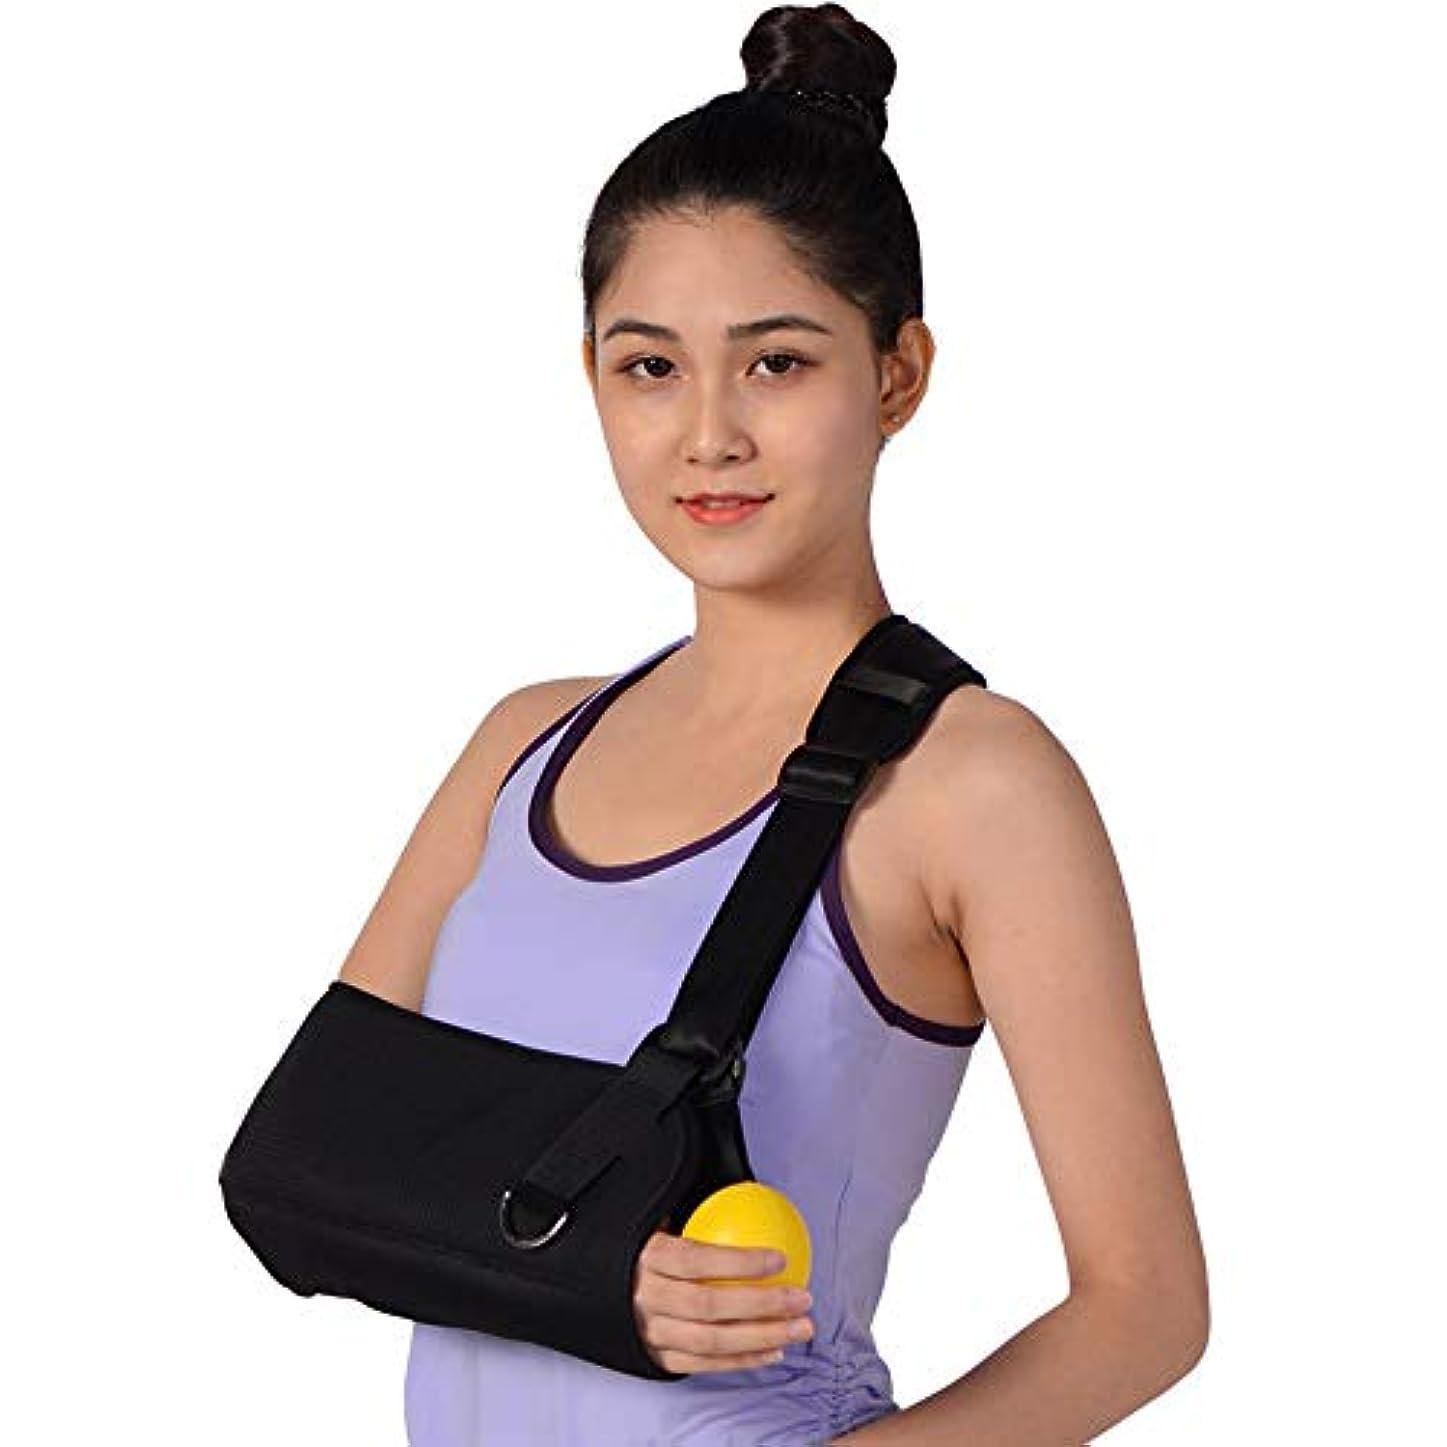 偽装する武装解除合成肩外転スリング、怪我サポート用イモビライザー、回旋腱板用痛み緩和アーム枕、サブレキシオン、手術、脱臼、骨折した腕,M